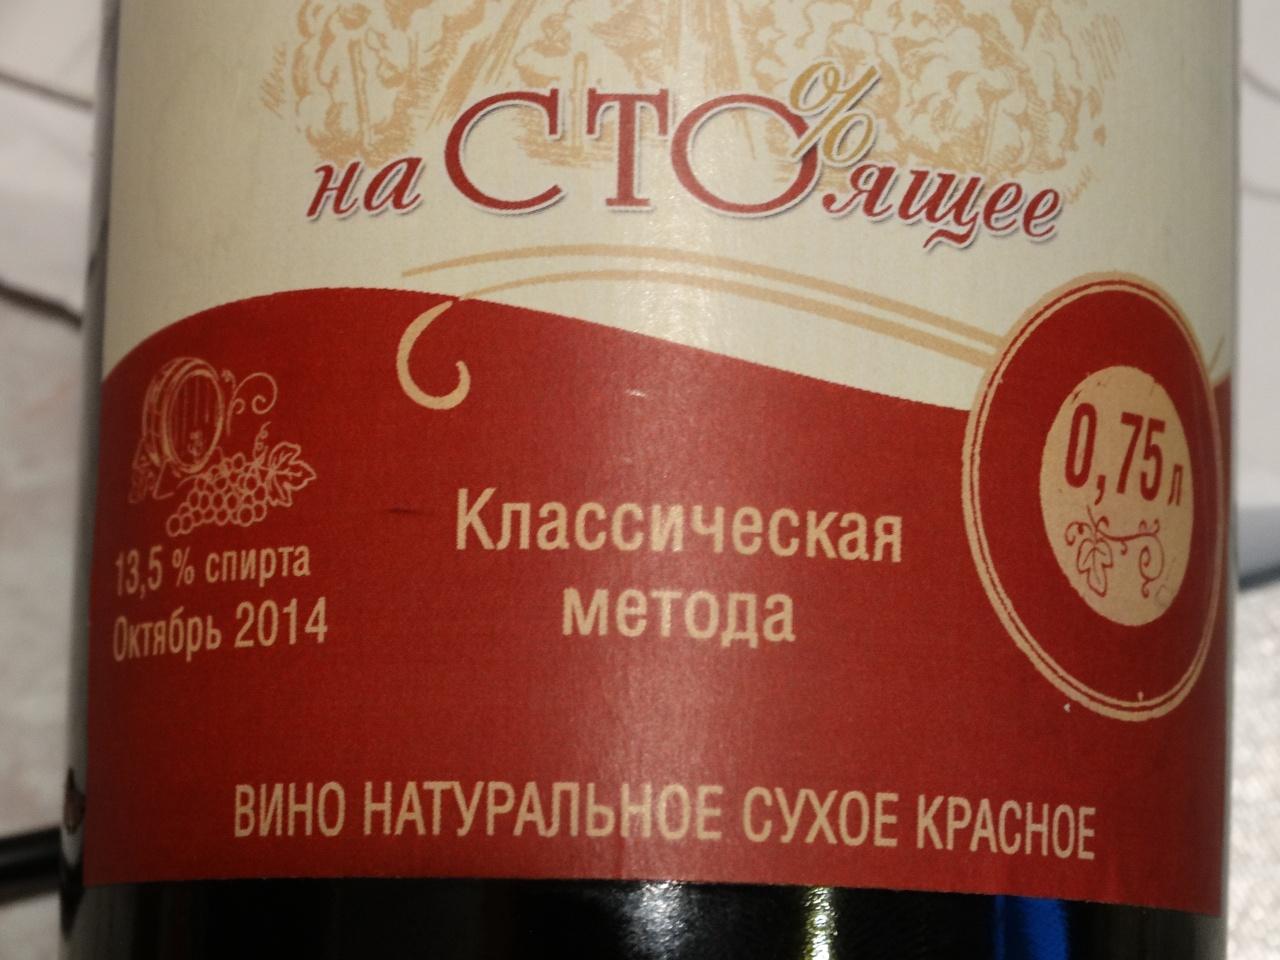 Народ Где Купить Хорошее Вино В Анапе